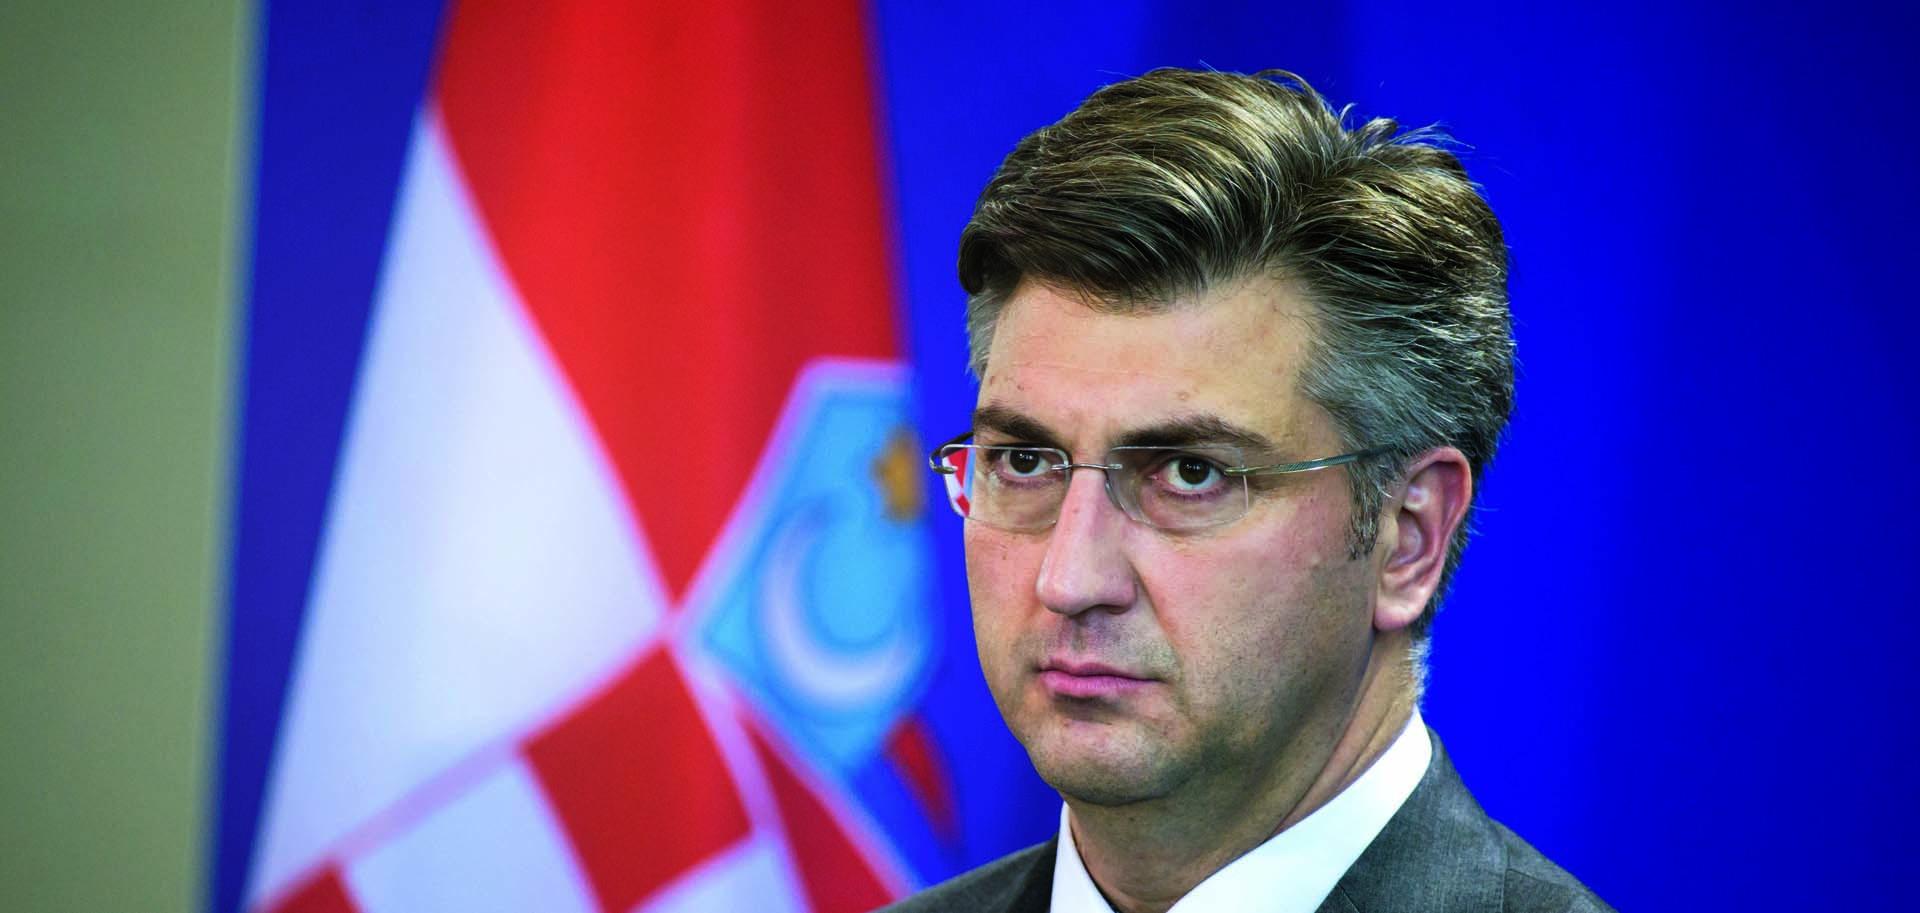 900 MILIJUNA EURA za povratak Ine pod hrvatsku kontrolu